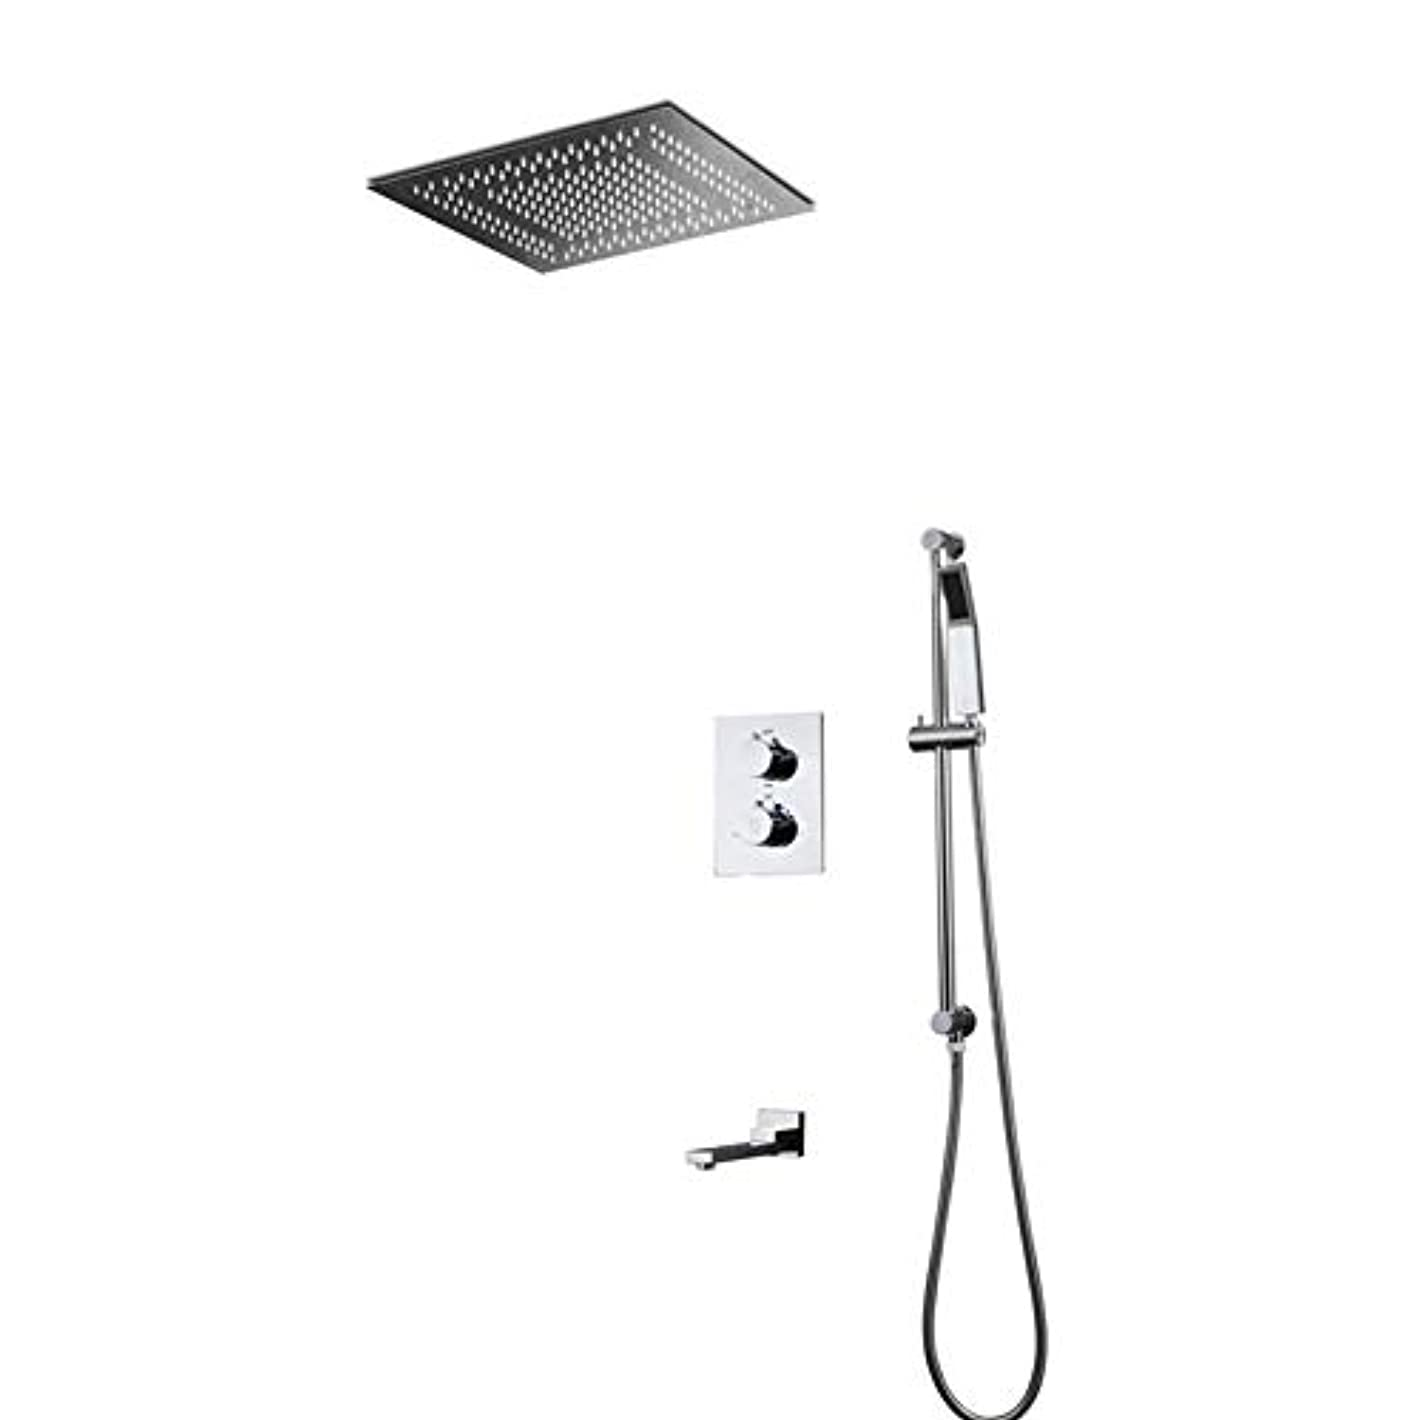 不快なグッゲンハイム美術館密輸LEDシャワーシステム、スパスプレー、降雨モード、304ステンレススチール、ハンドヘルドシャワー隠しシャワー400 * 400MM 2機能LEDトップスプレーウォールシャワーセット (色 : B)